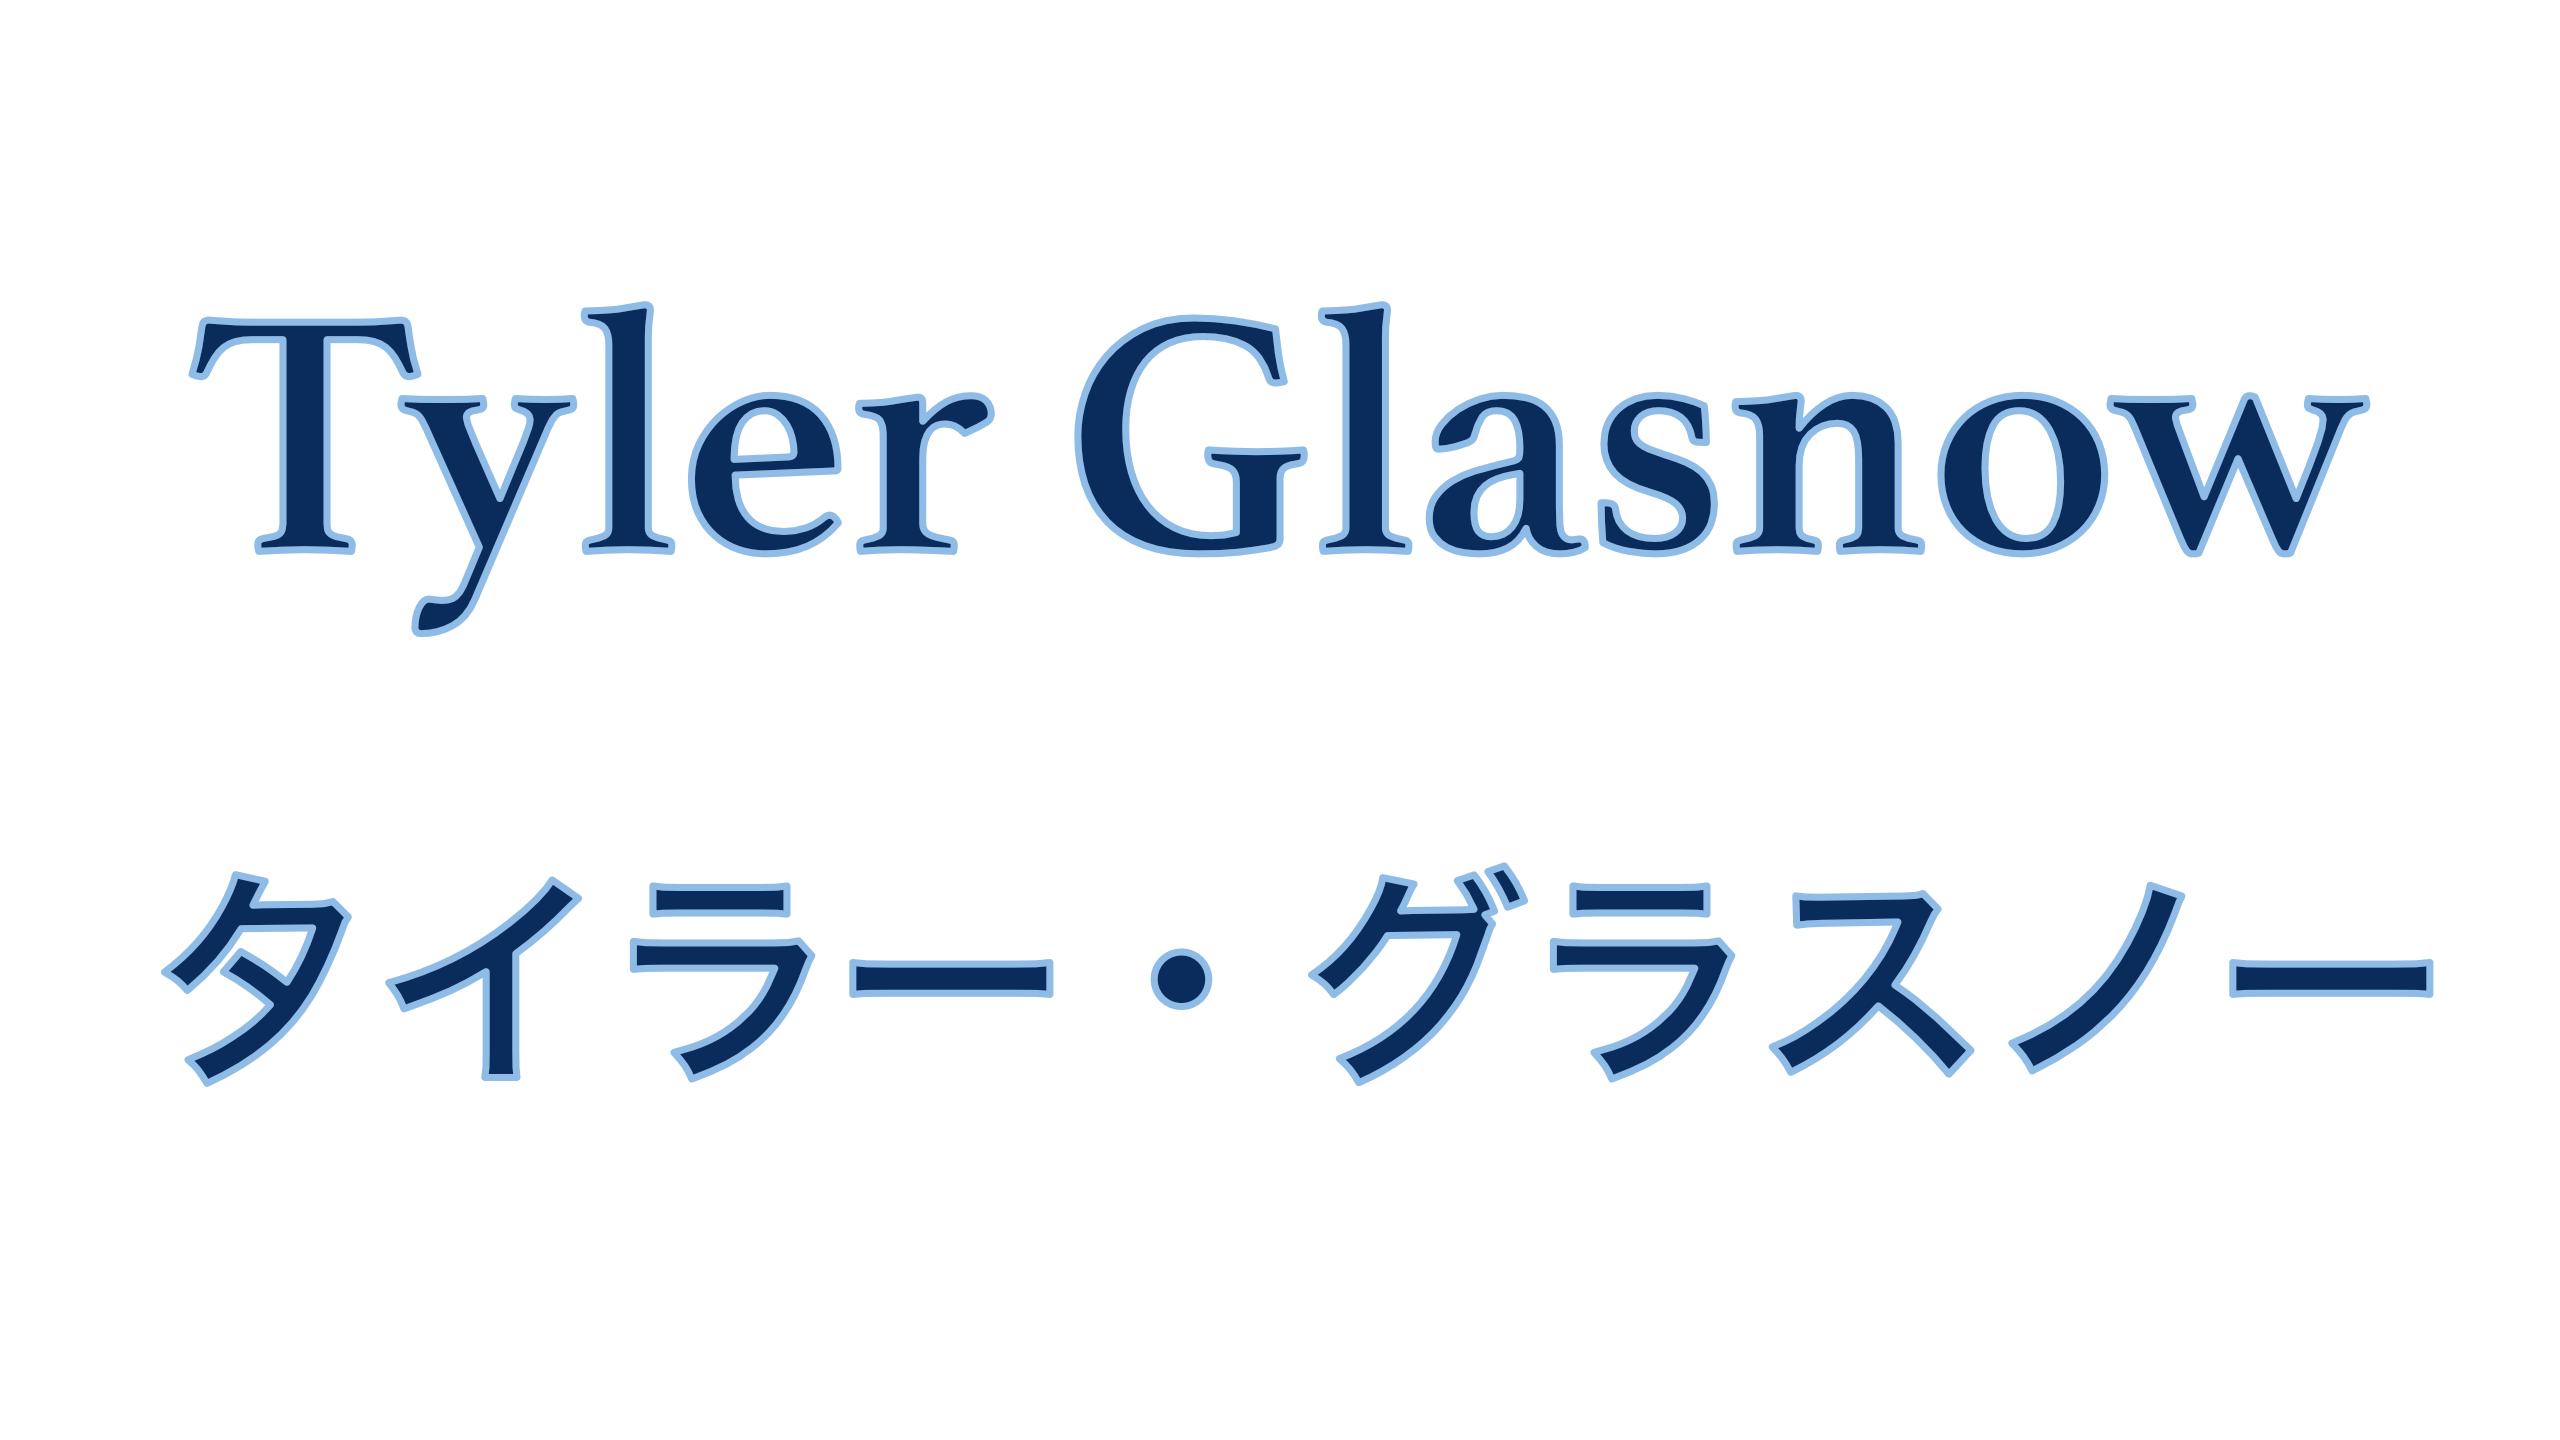 tyler-glasnow